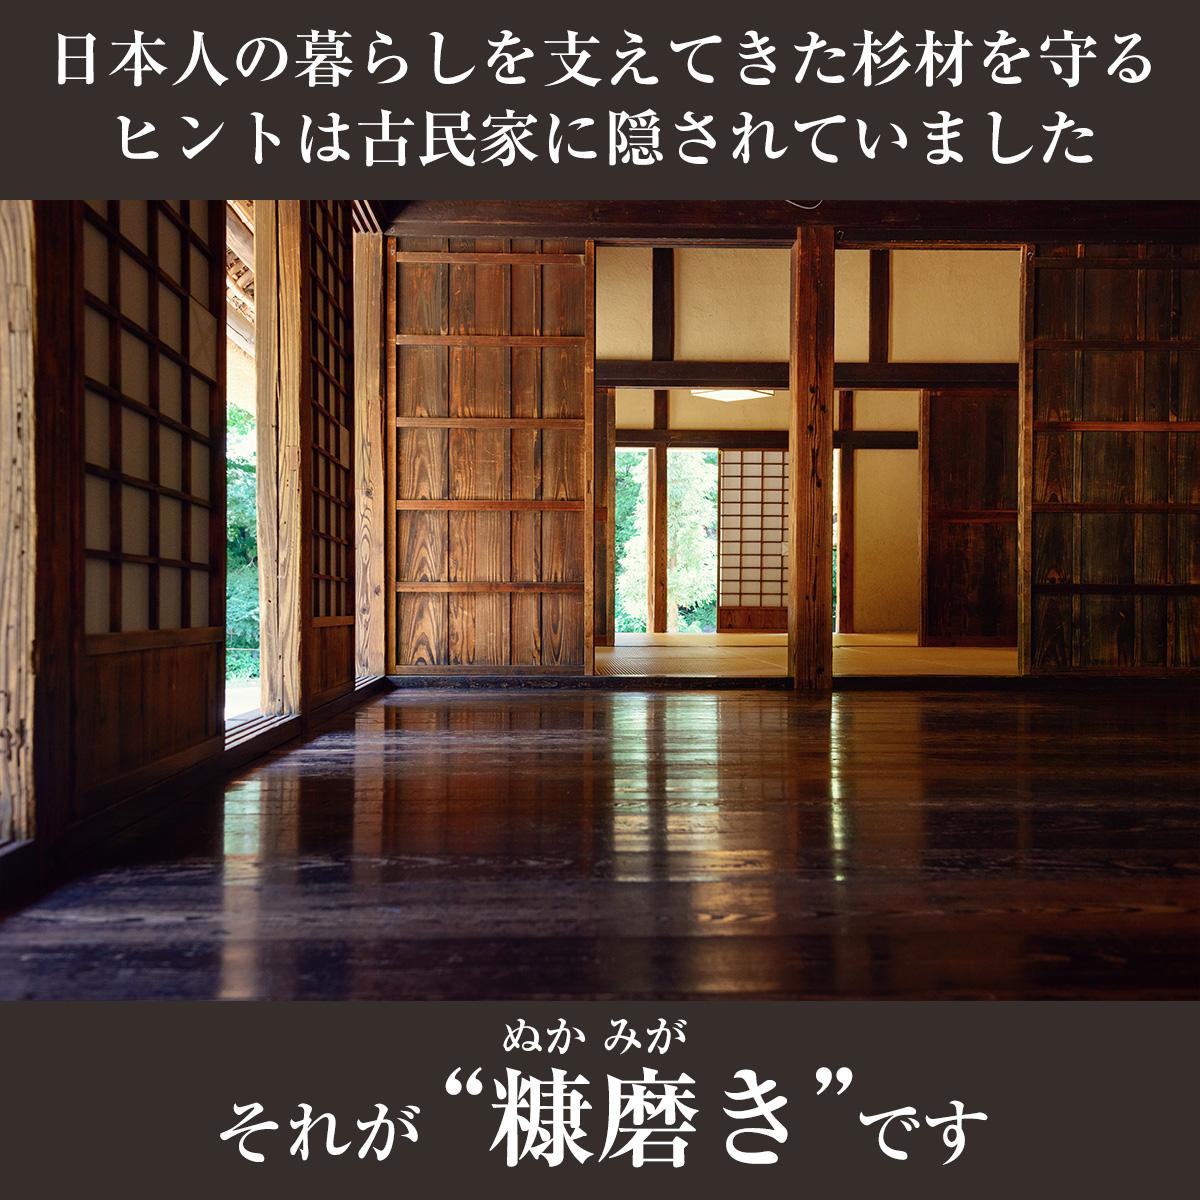 日本人の暮らしを支えてきた杉材を守るヒントは古民家に隠されていました それが糠磨きです